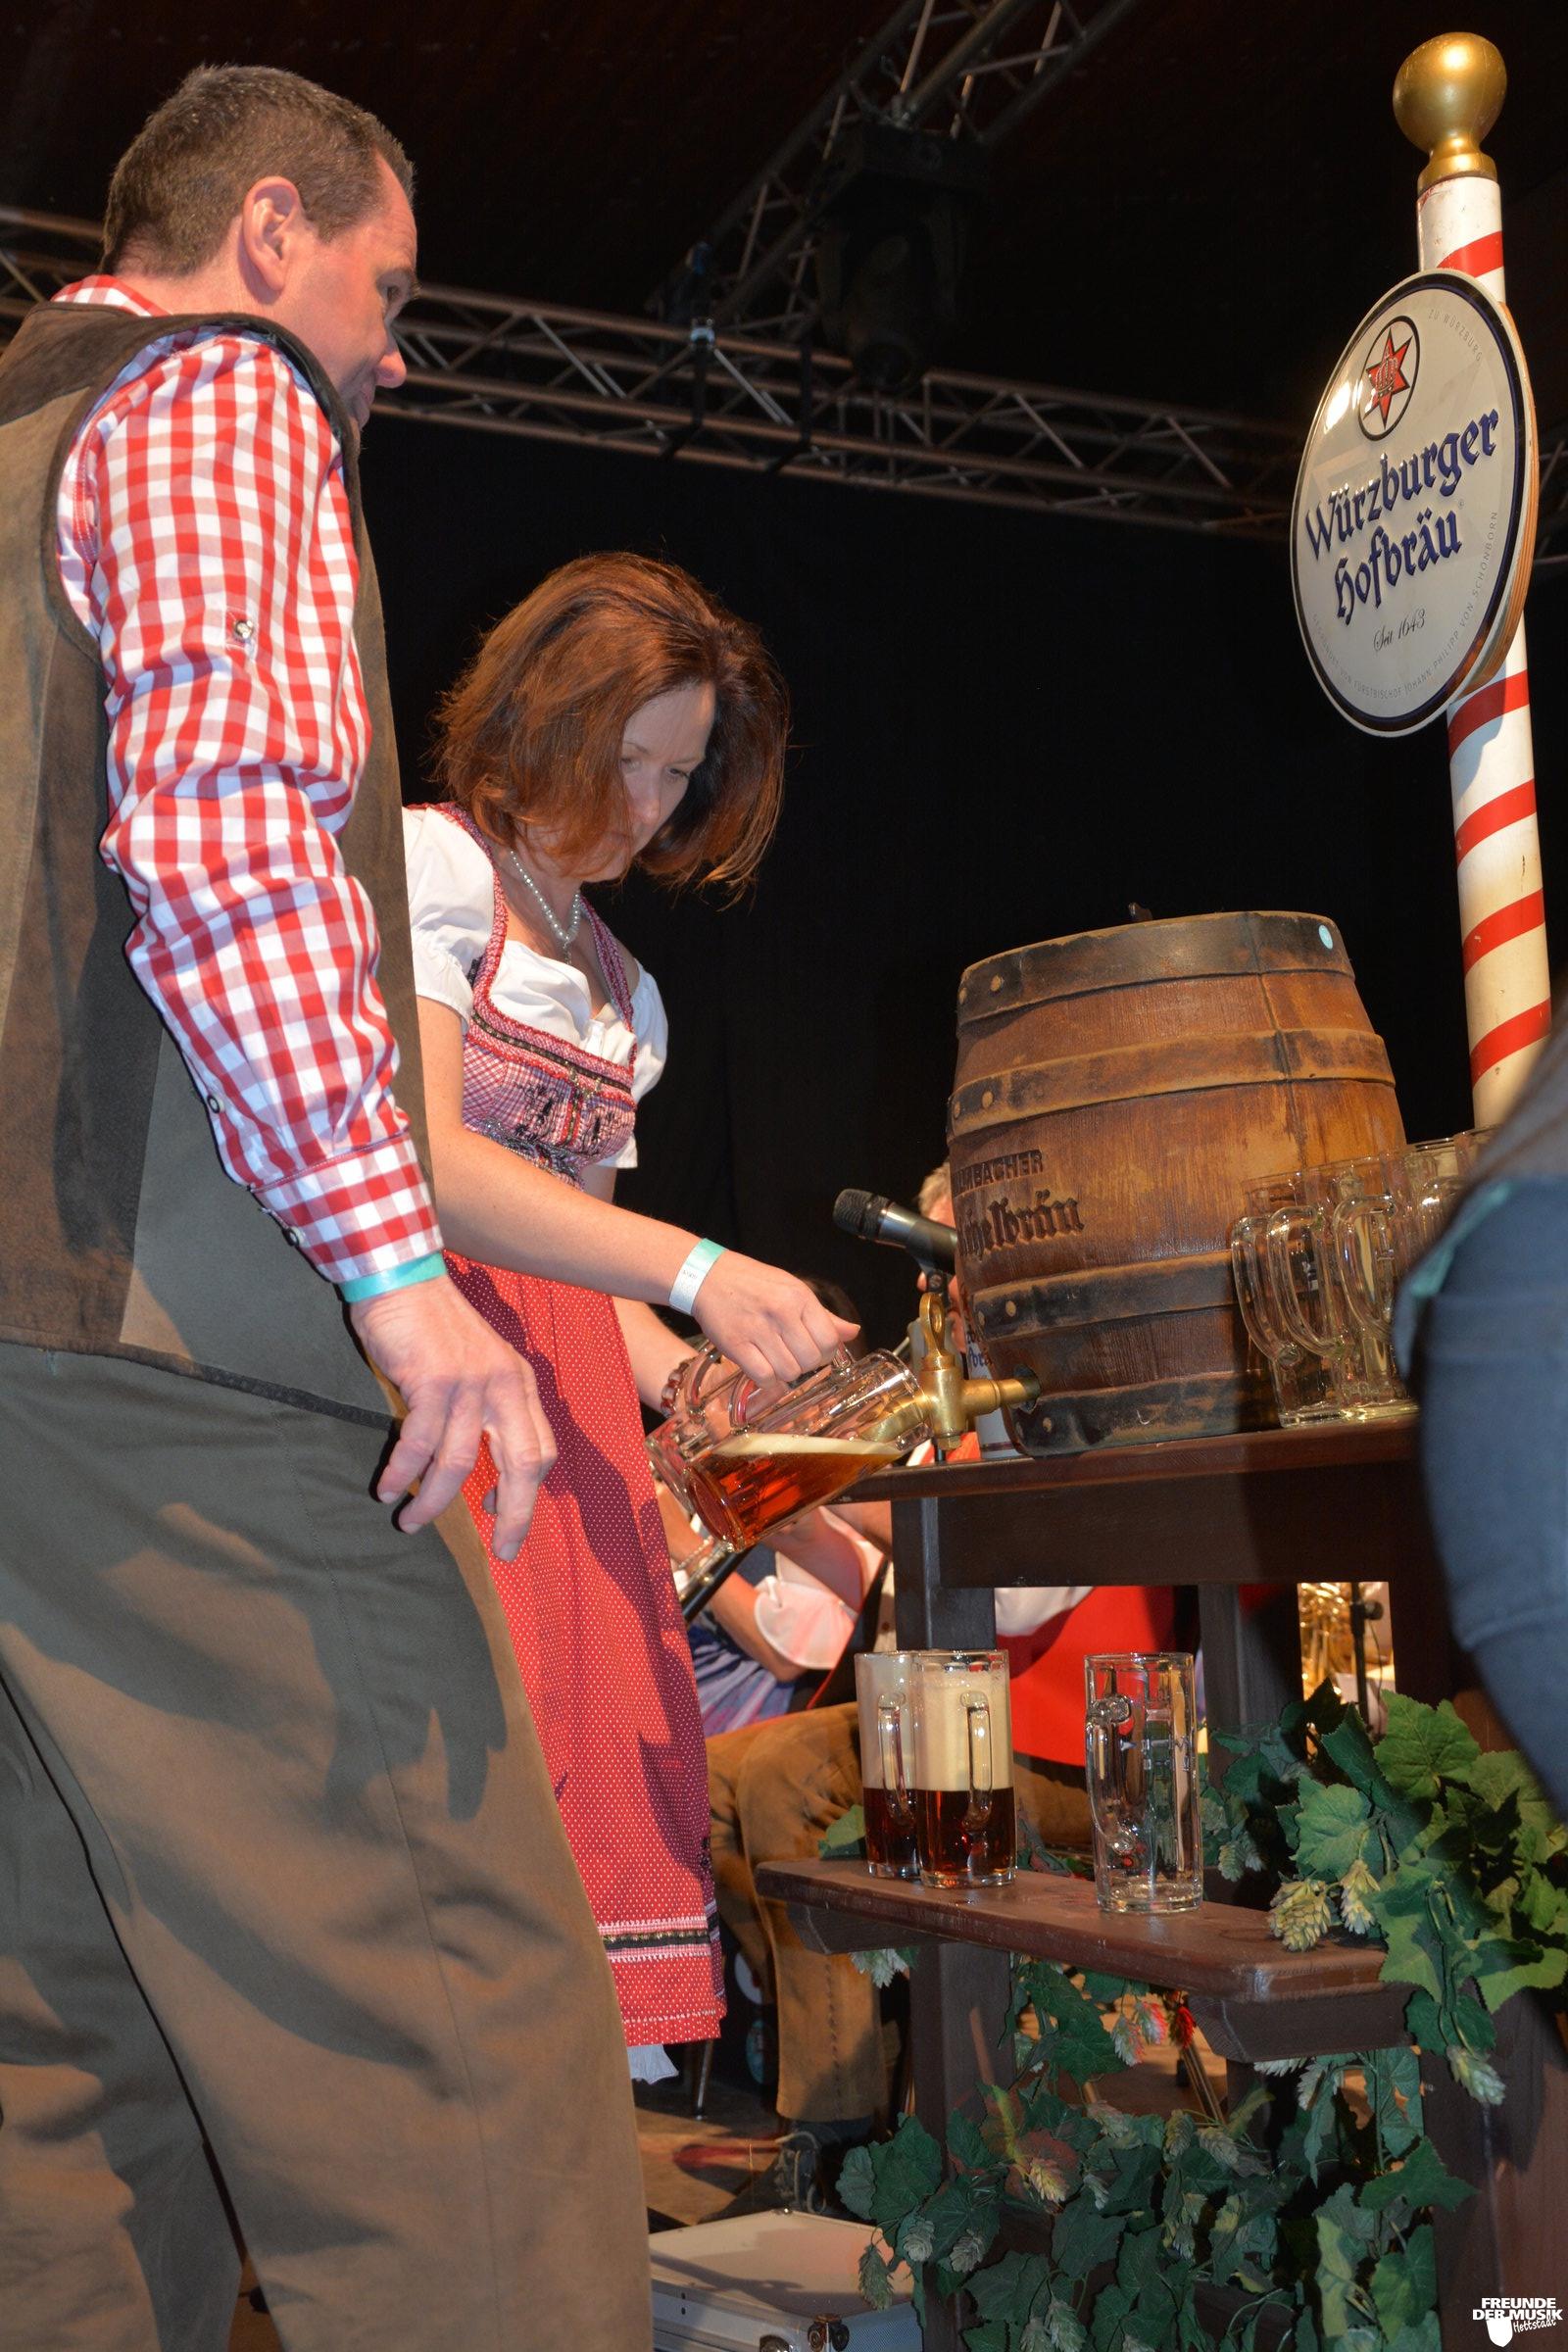 2019-03-23_MV_Hettstadt_Starkbierfest_035